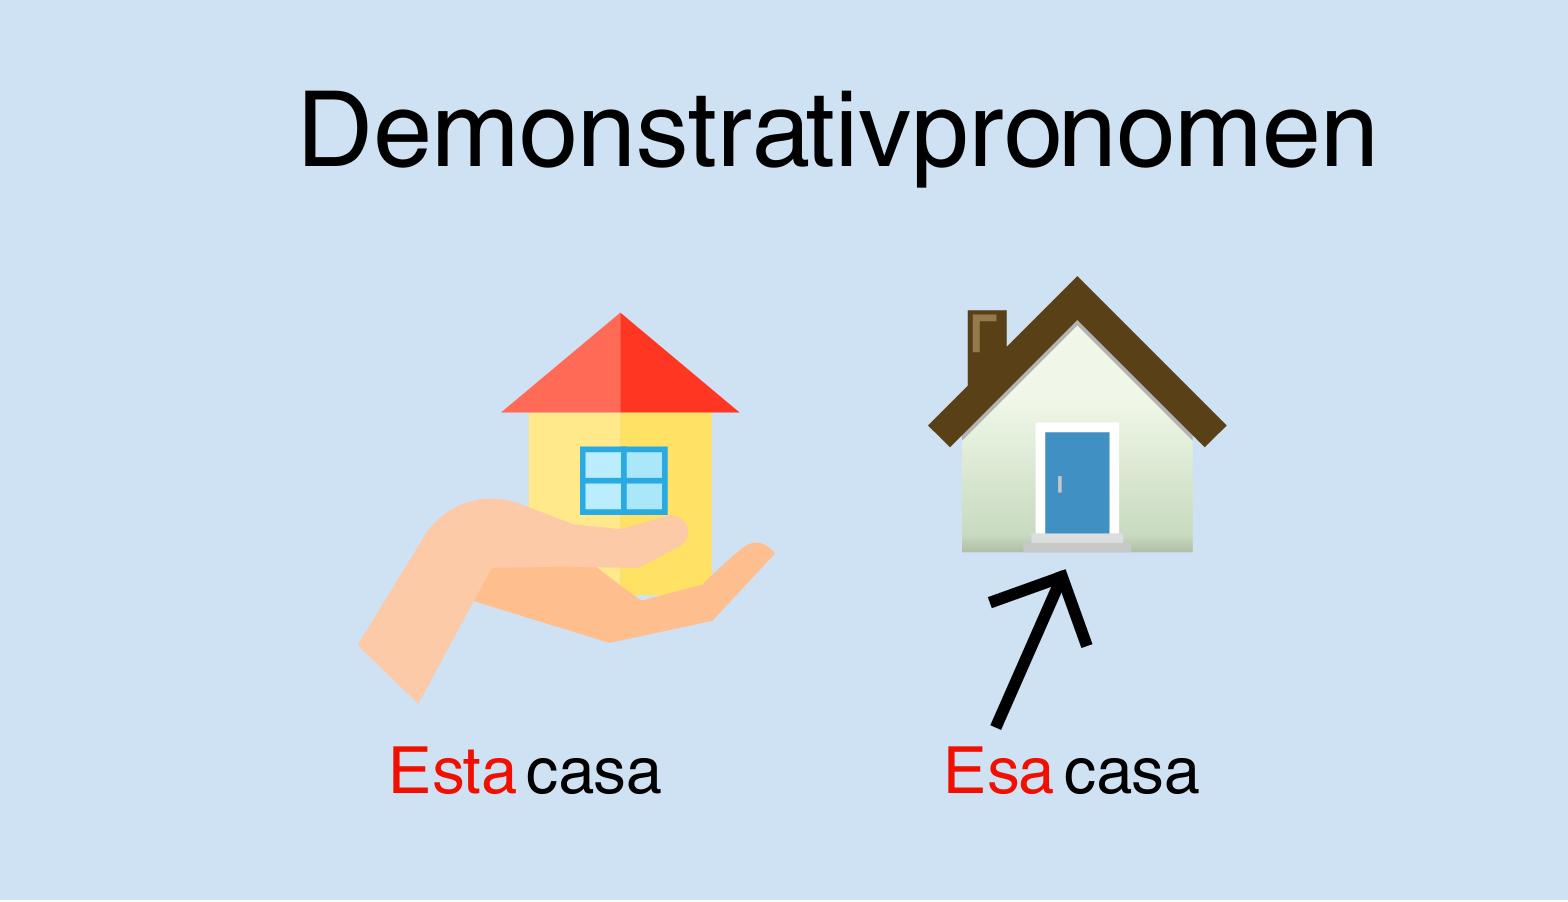 Spanische Demonstrativpronomen (este, ese, aquel)